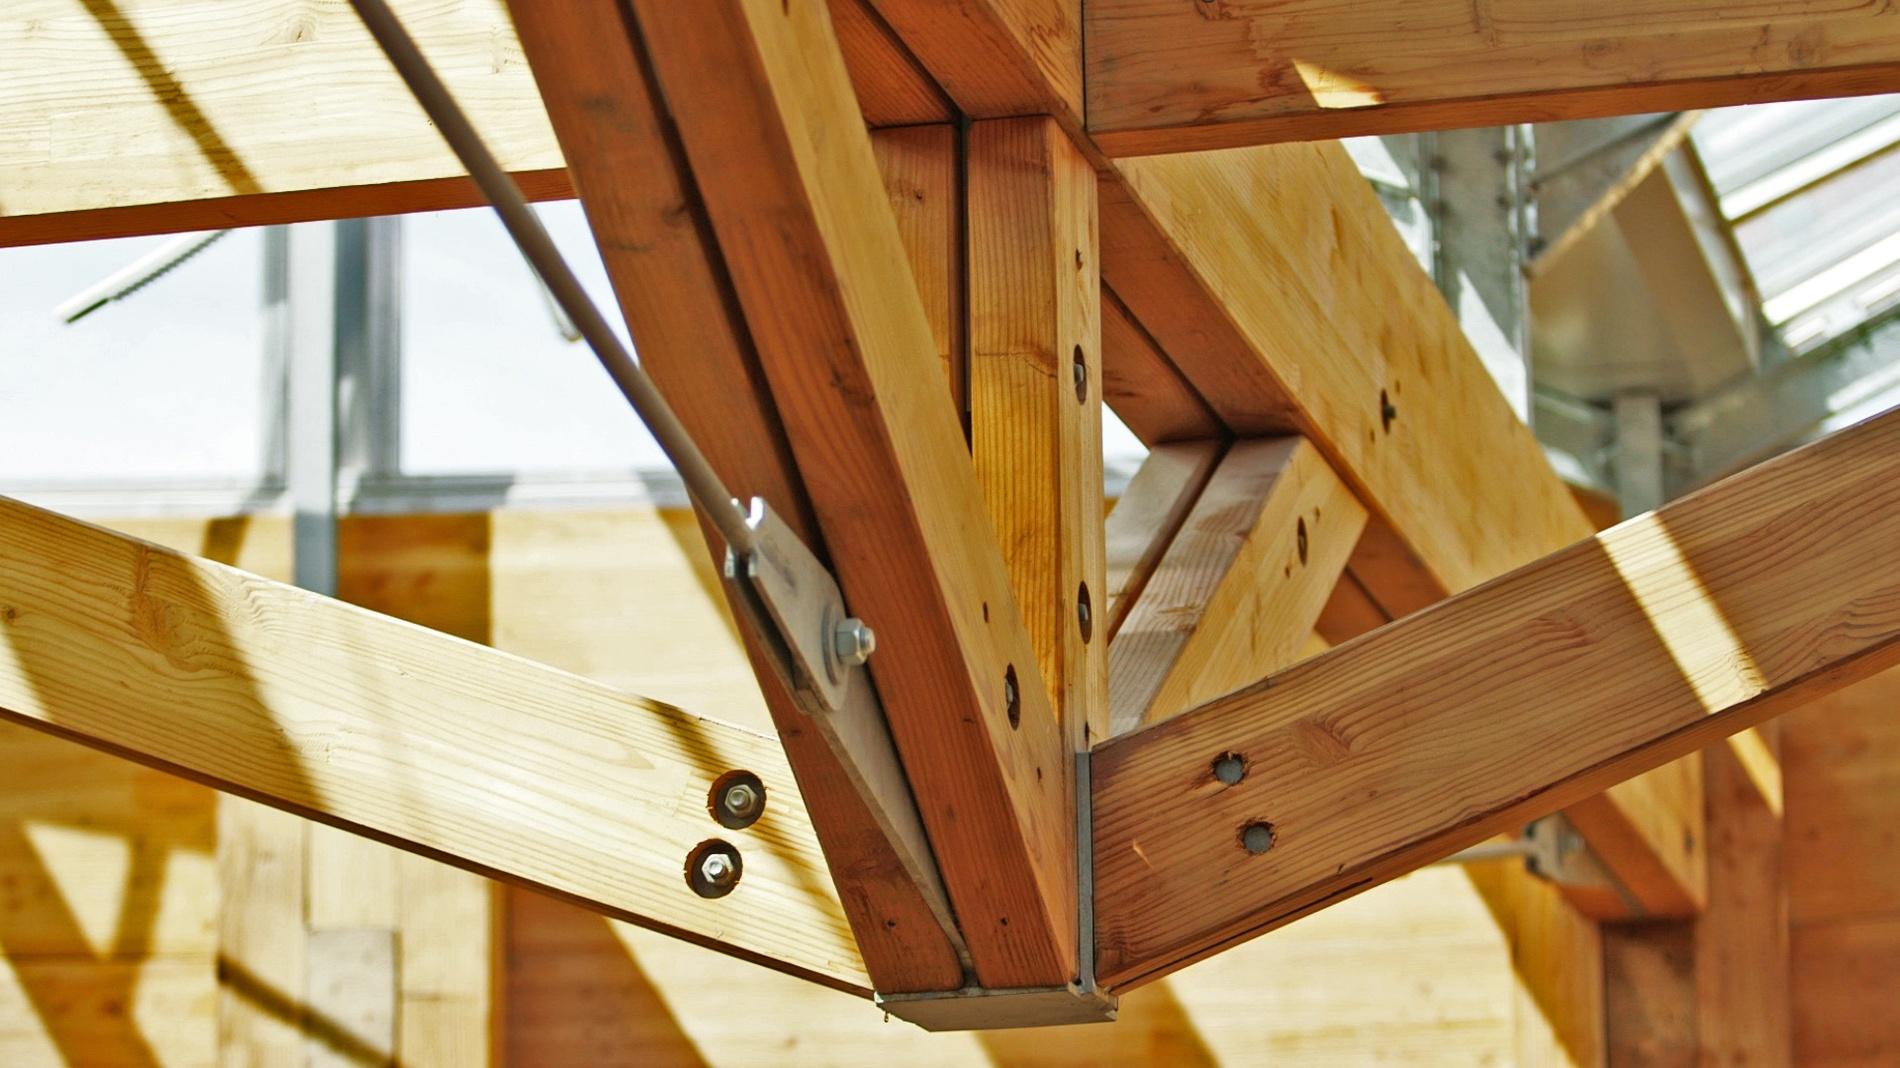 Construction bois : Ancrage et assemblage